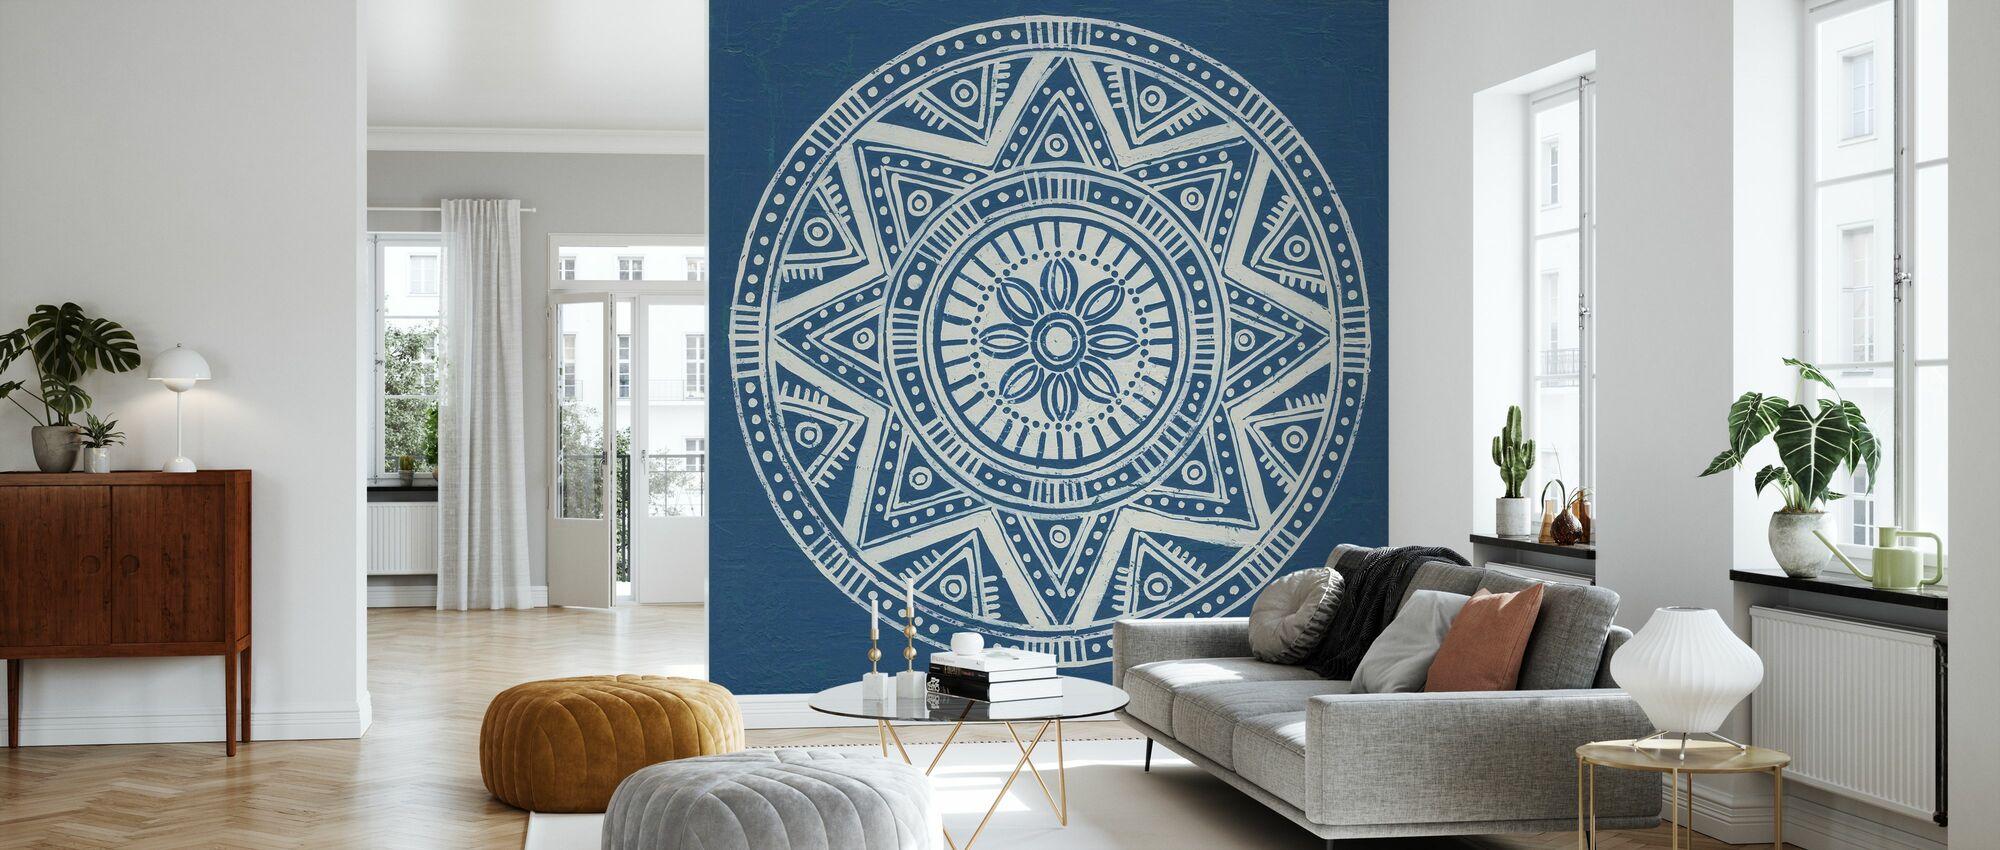 Seville Mandala I - Wallpaper - Living Room